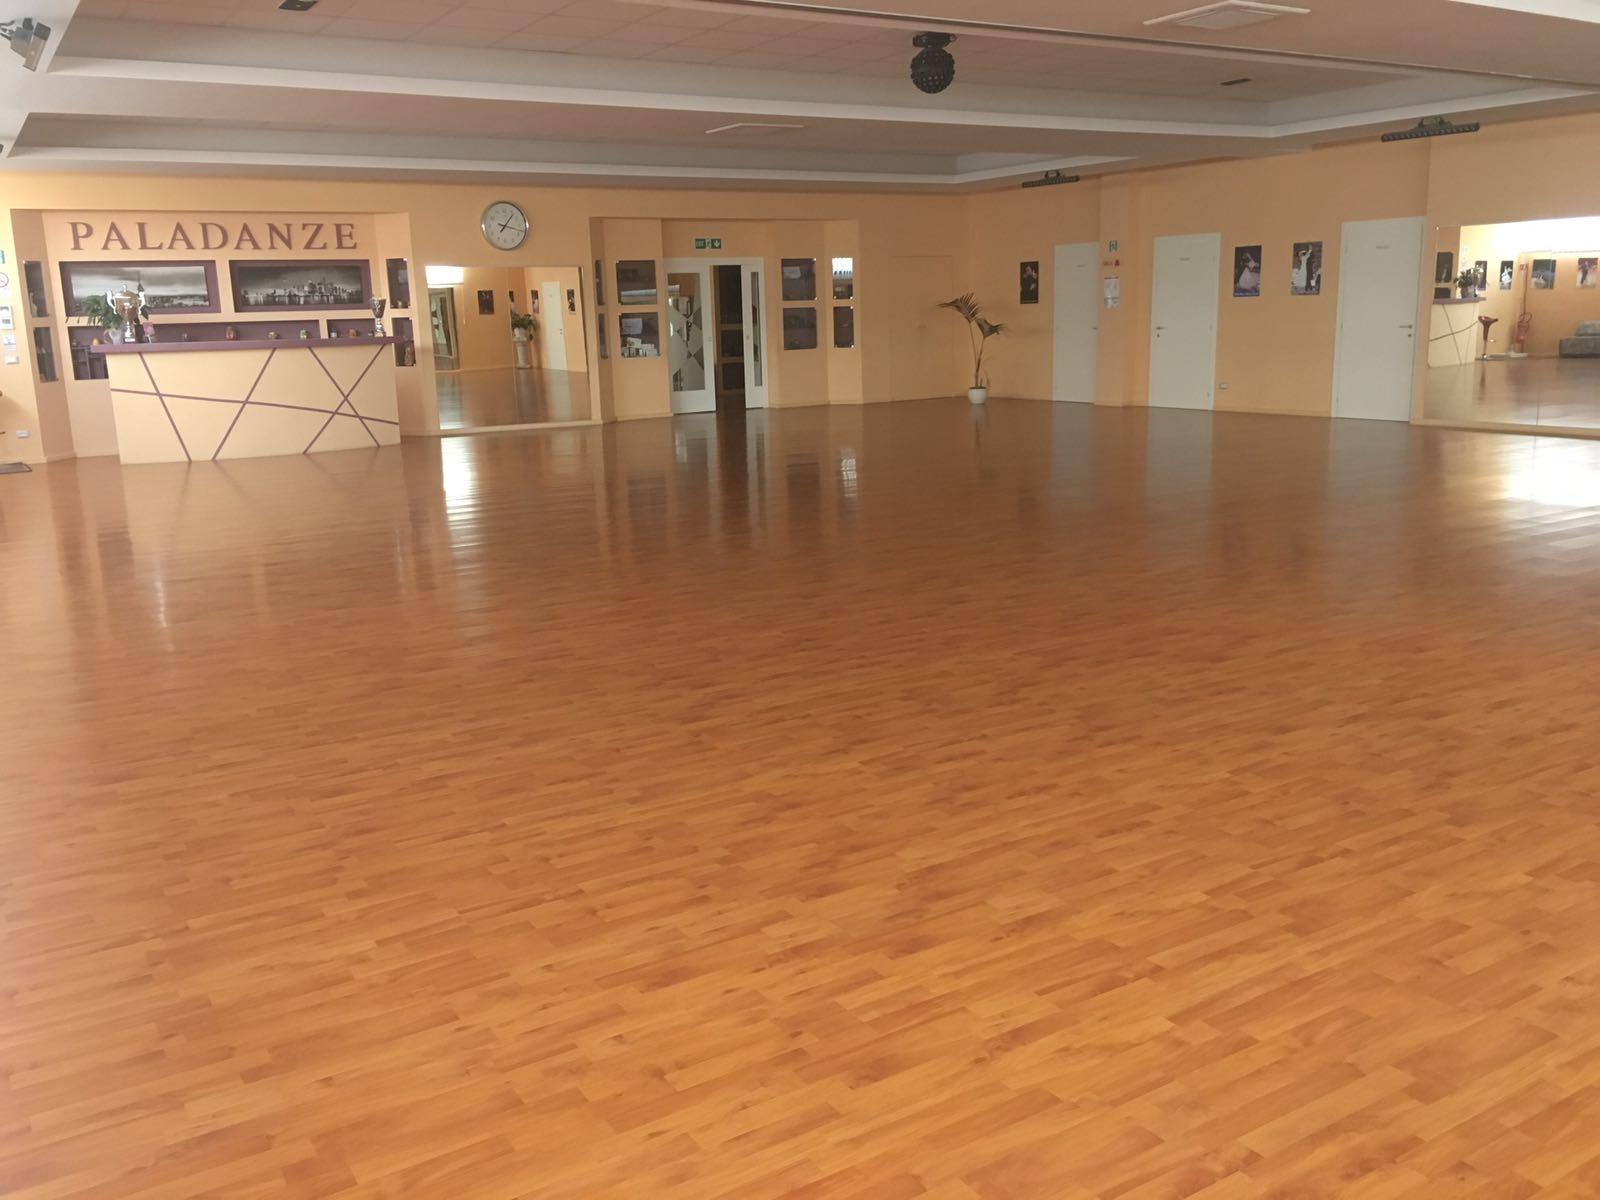 Scuola di ballo e danza paladanze bologna - Sala insonorizzata ...